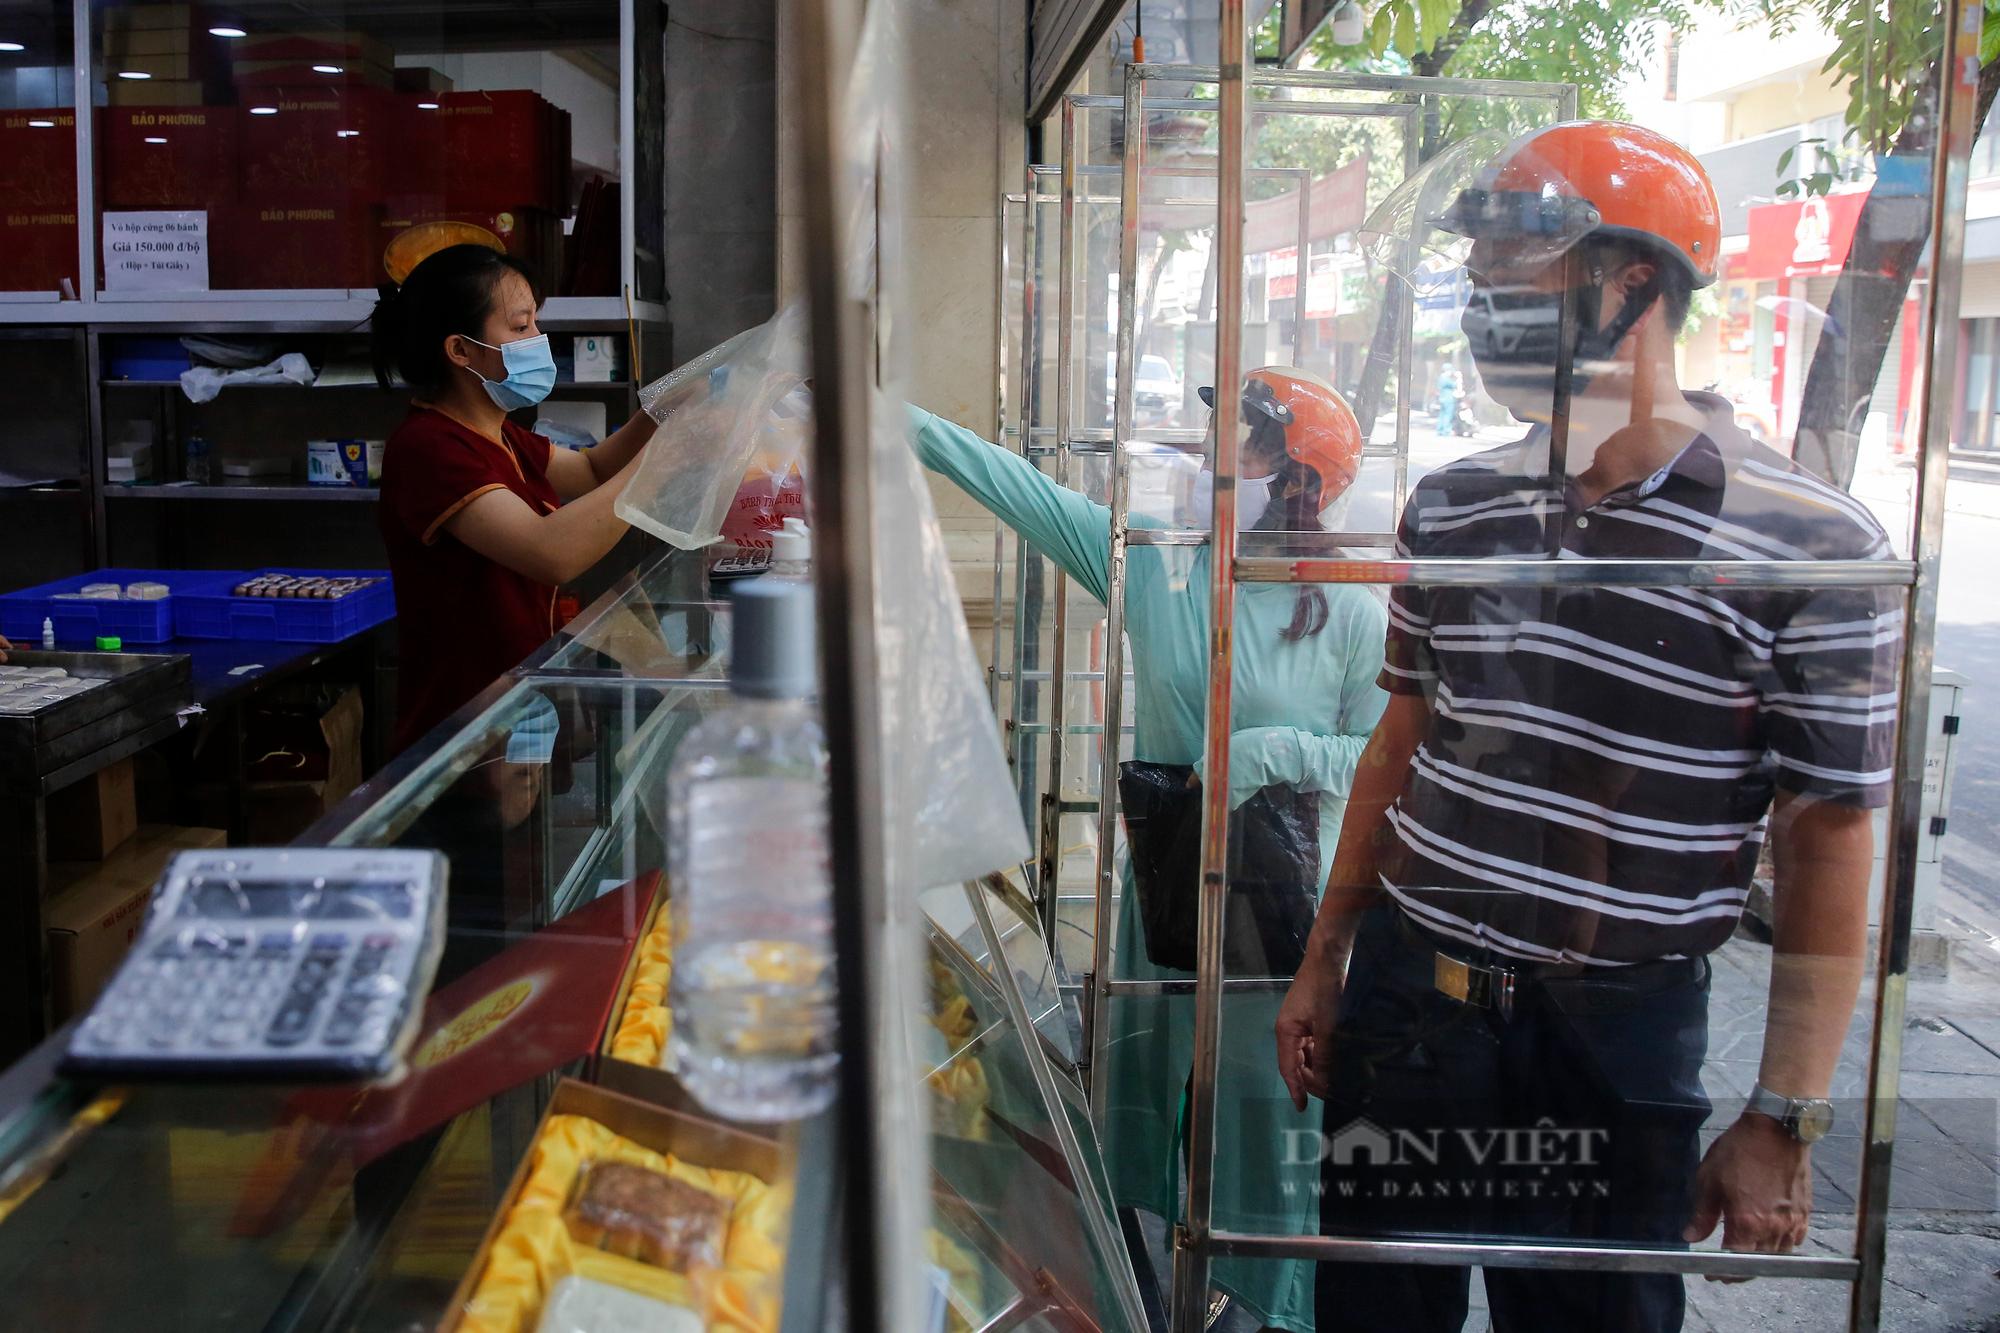 Thị trường bánh trung thu ảm đạm, cơ sở sản xuất loay hoay tìm kênh online - Ảnh 2.